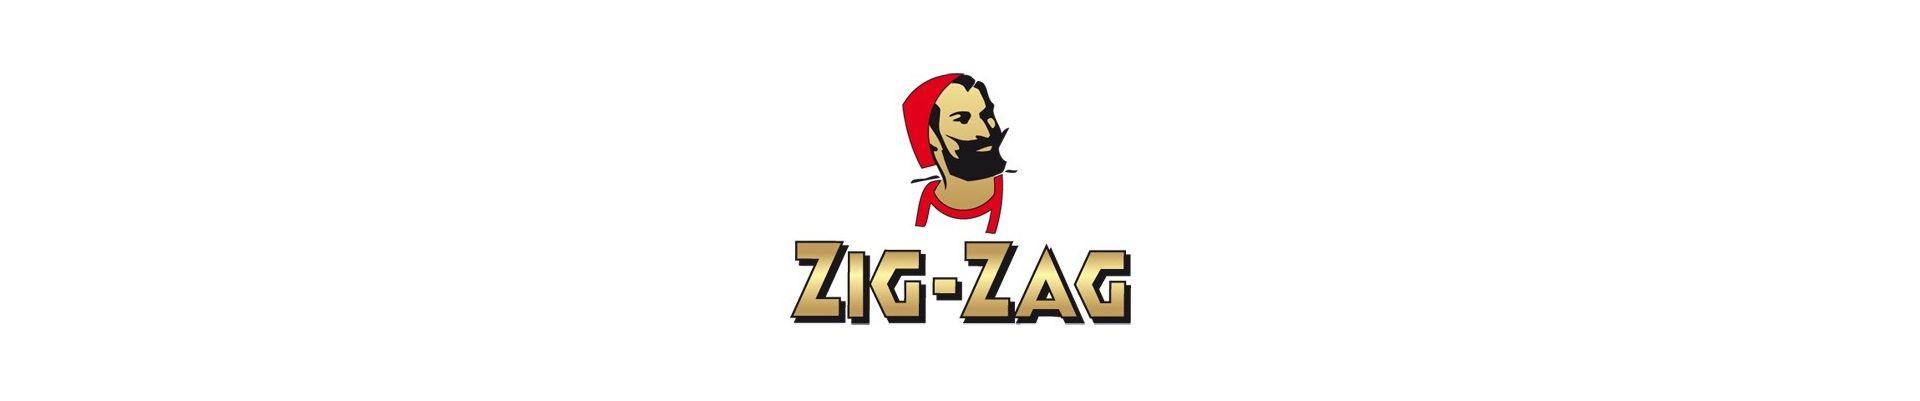 Filtre pentru tigari Zig Zag. Magazin filtre tigari Zig Zag. Zig Zag menthol si zig zag regular.